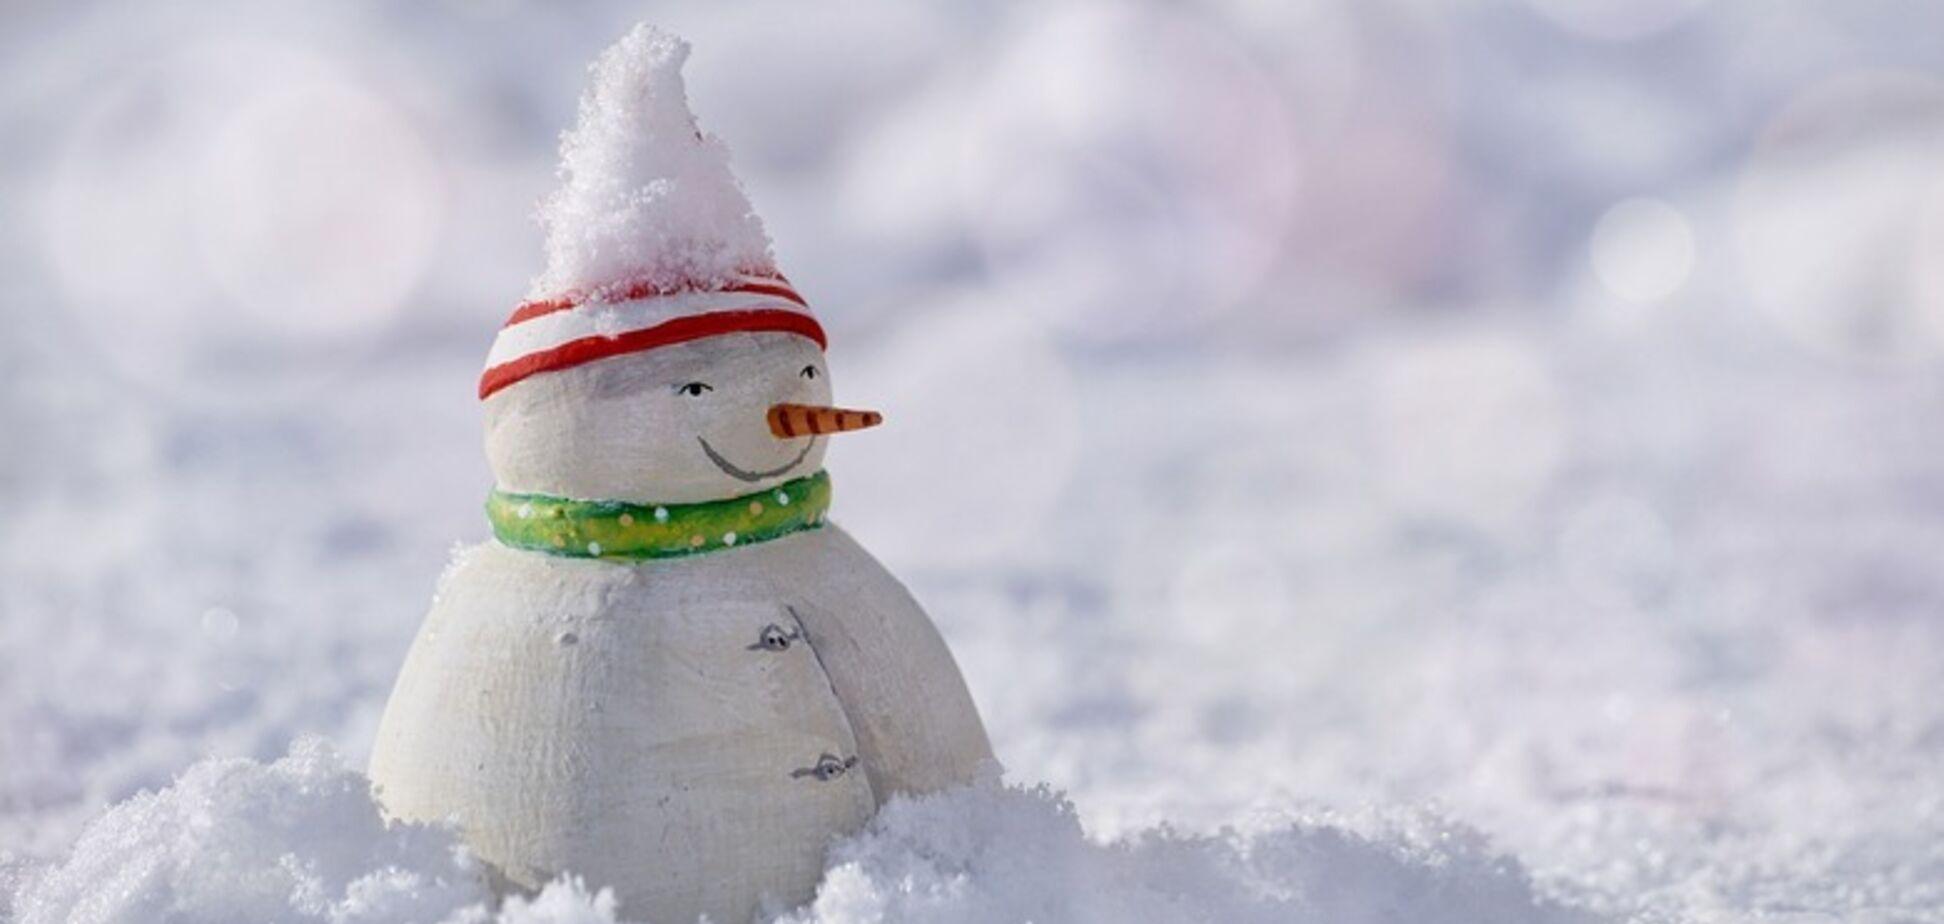 Украину засыплет снегом: синоптики уточнили прогноз погоды